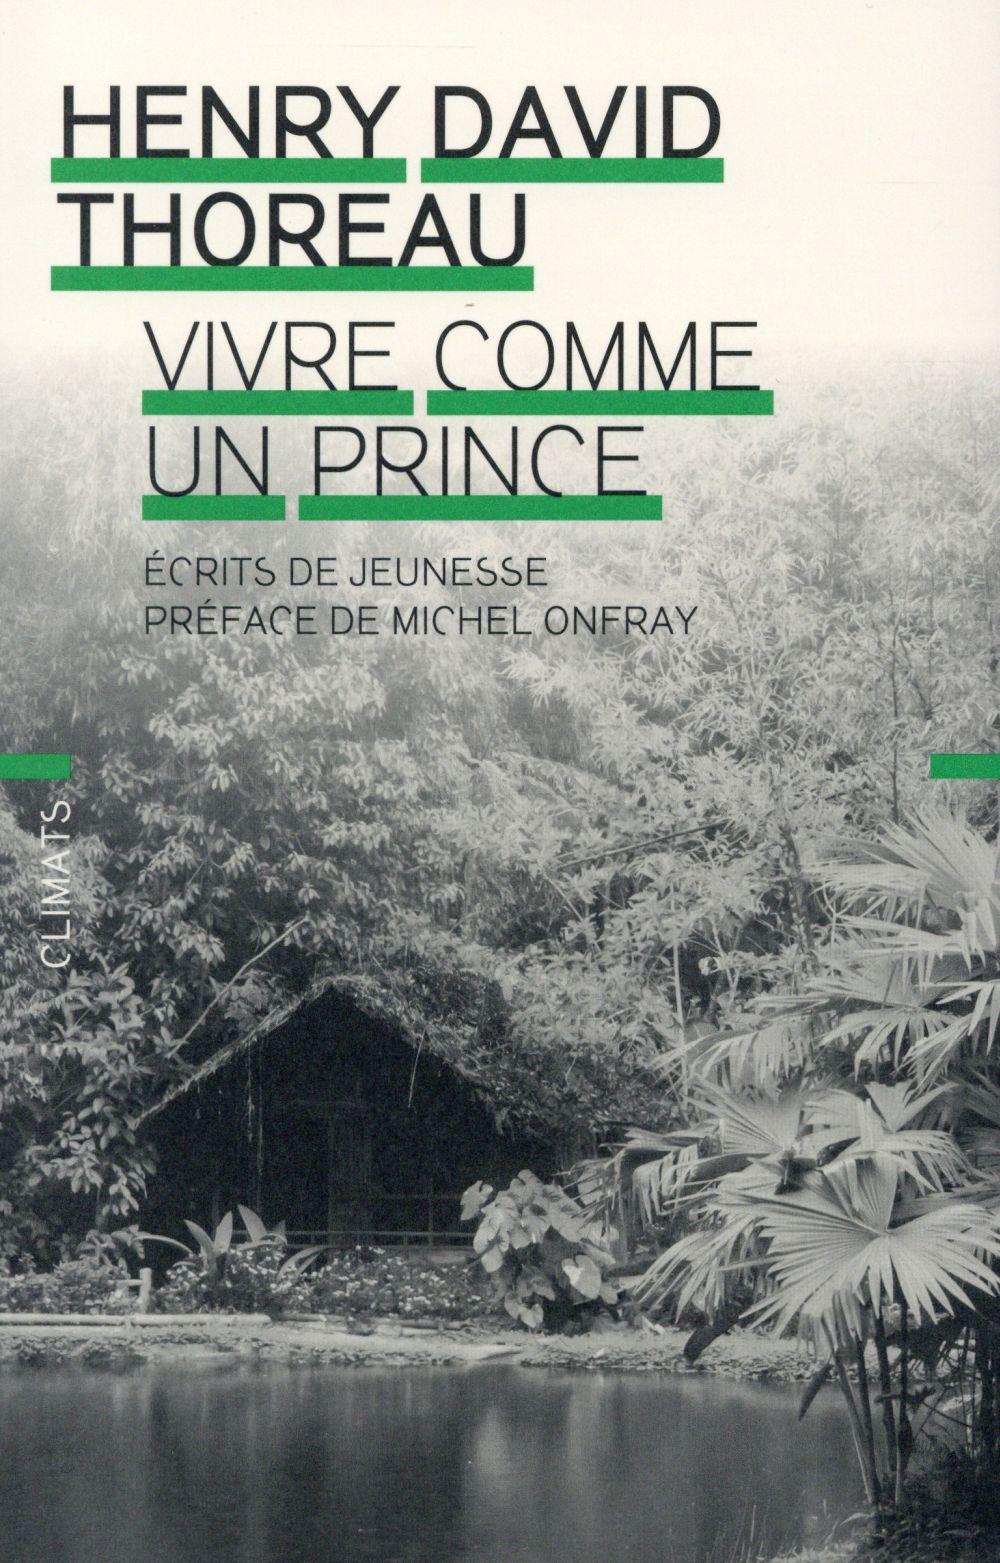 VIVRE COMME UN PRINCE - ECRITS DE JEUNESSE